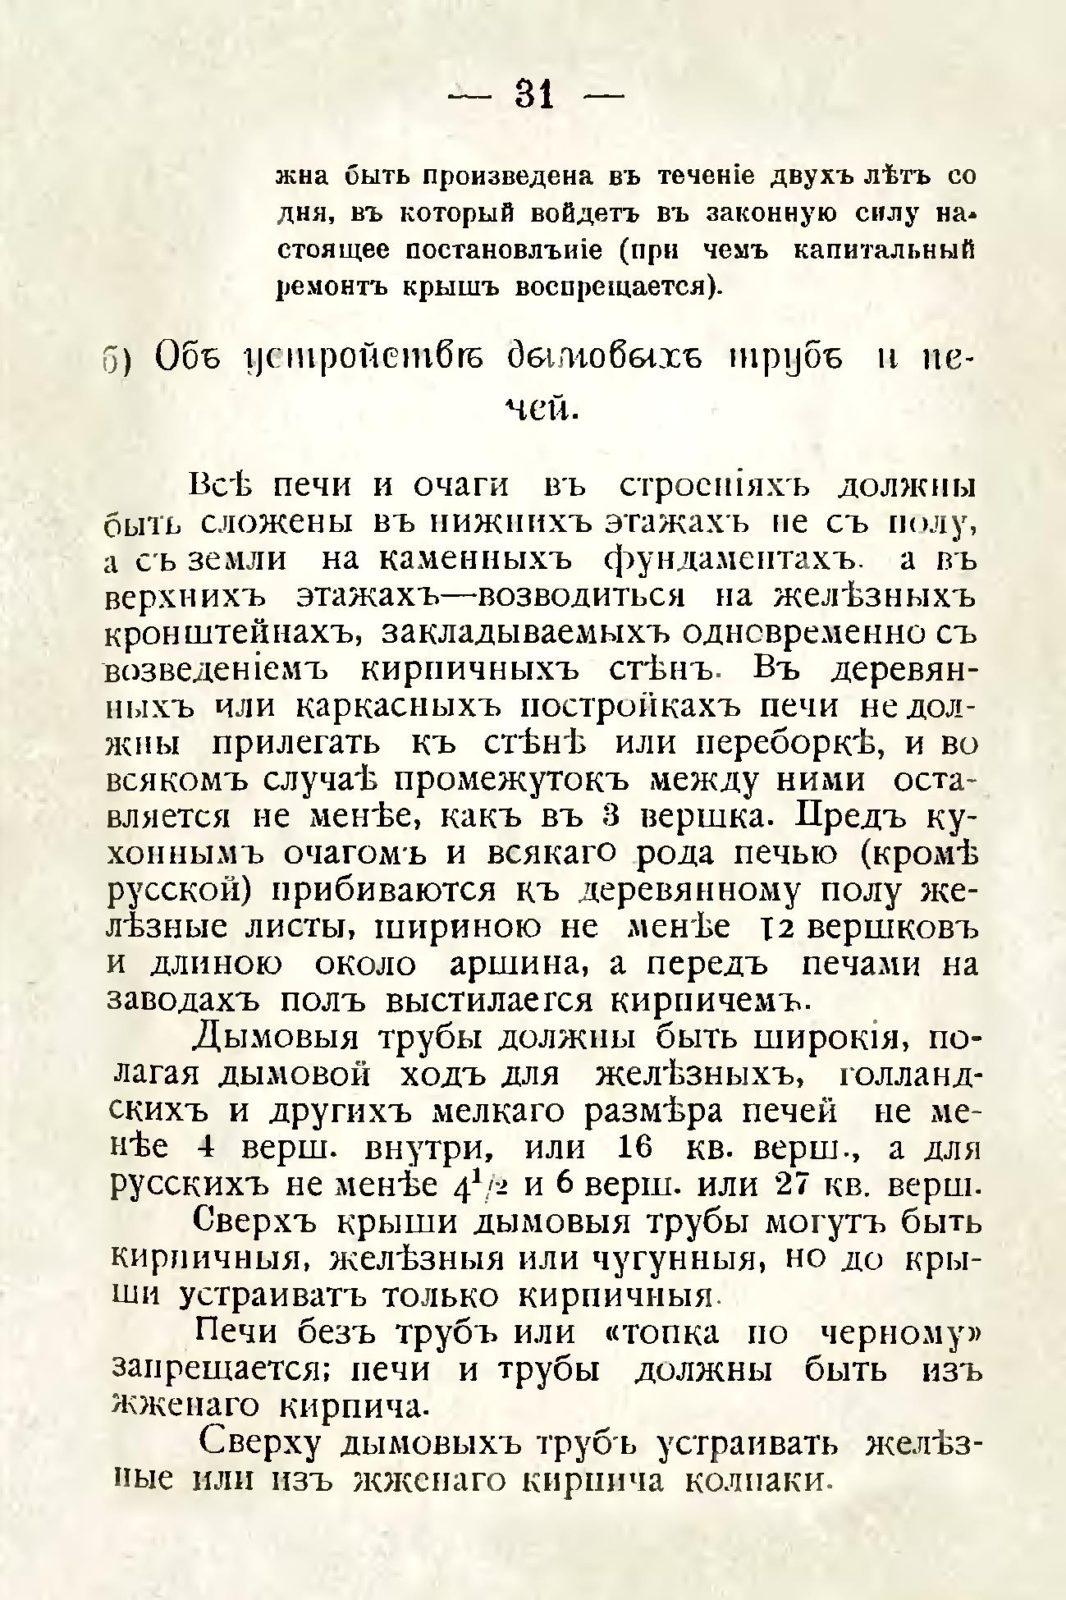 sbornik_obyazatelnyh_postanovlenii_tashkentskoi_gorodskoi_du_35